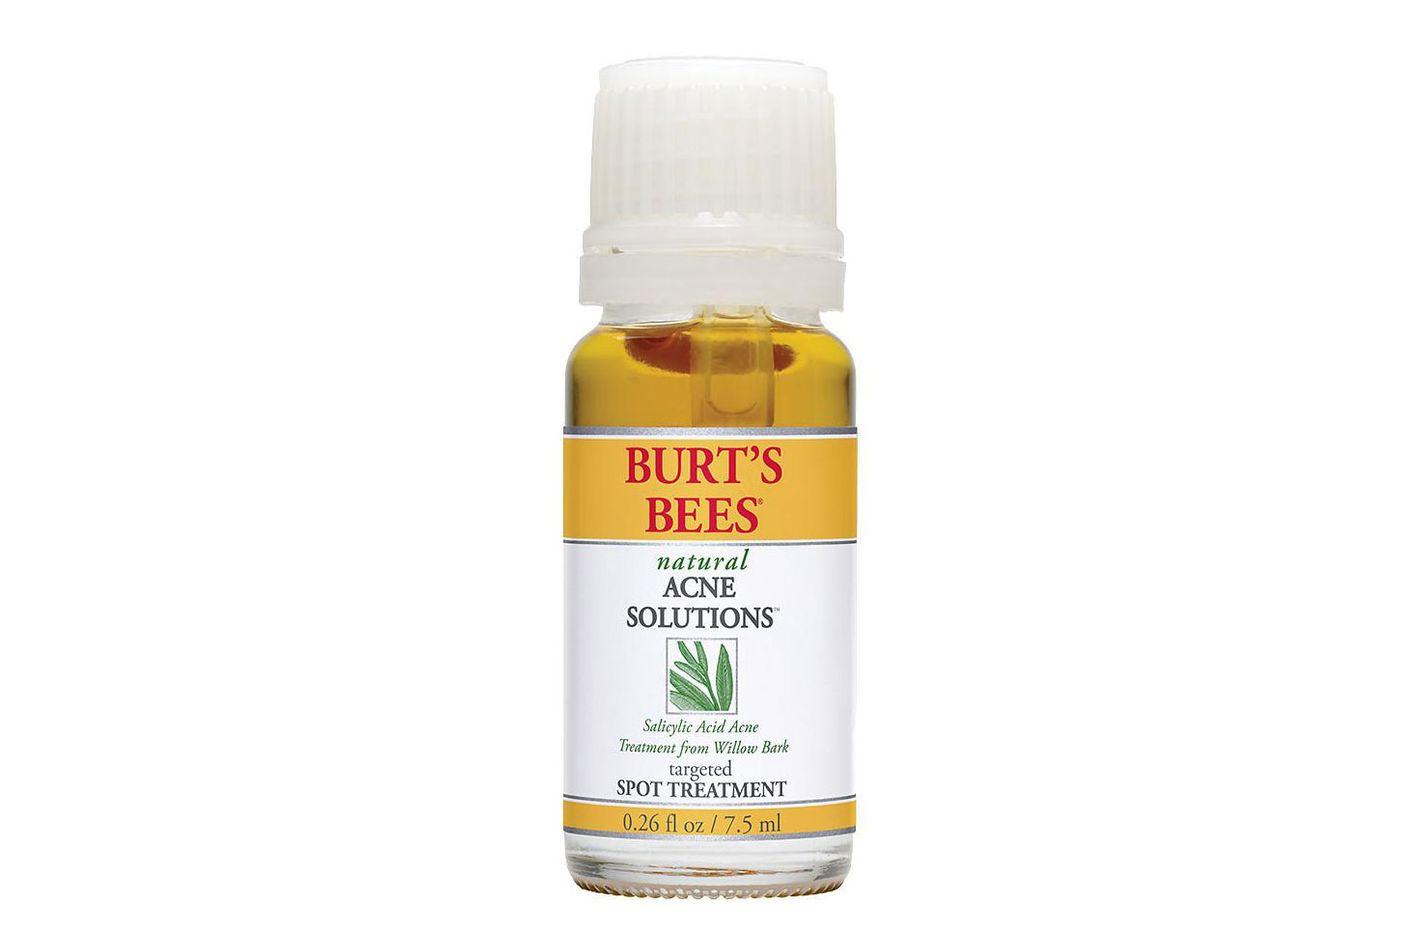 Burt's Bees Targeted Spot Treatment